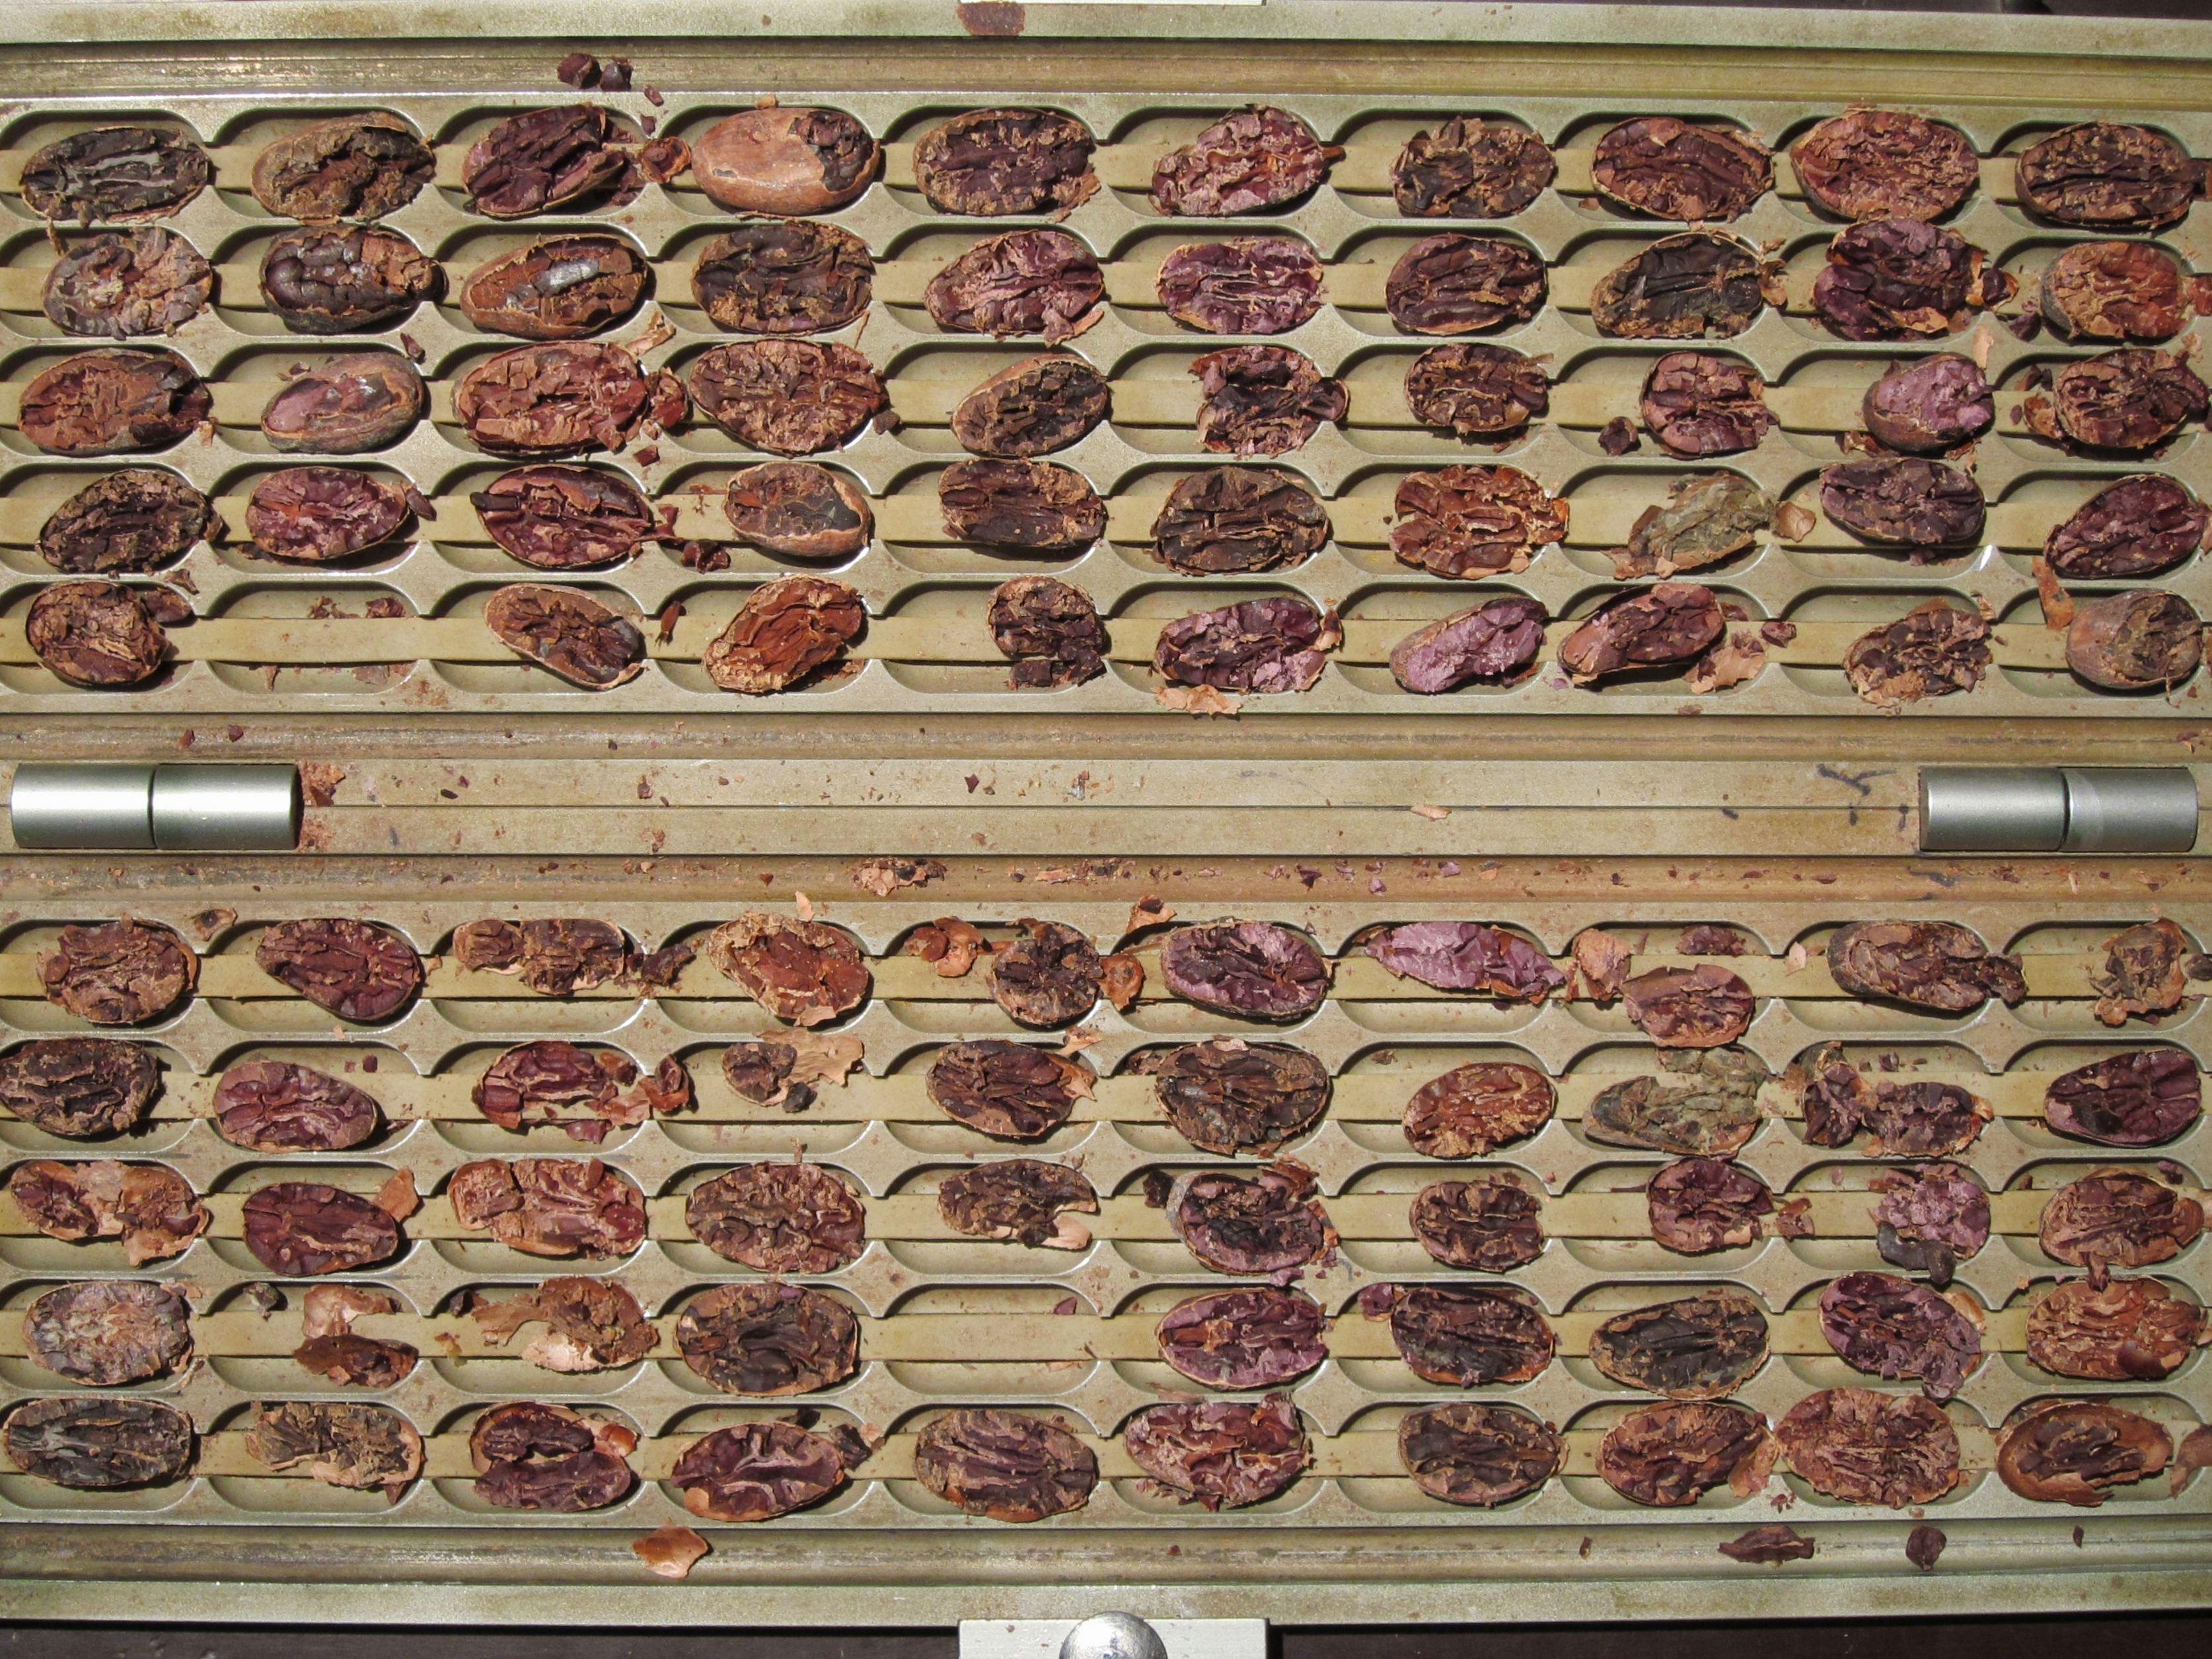 Kakaobohnen auf Prüfbrett